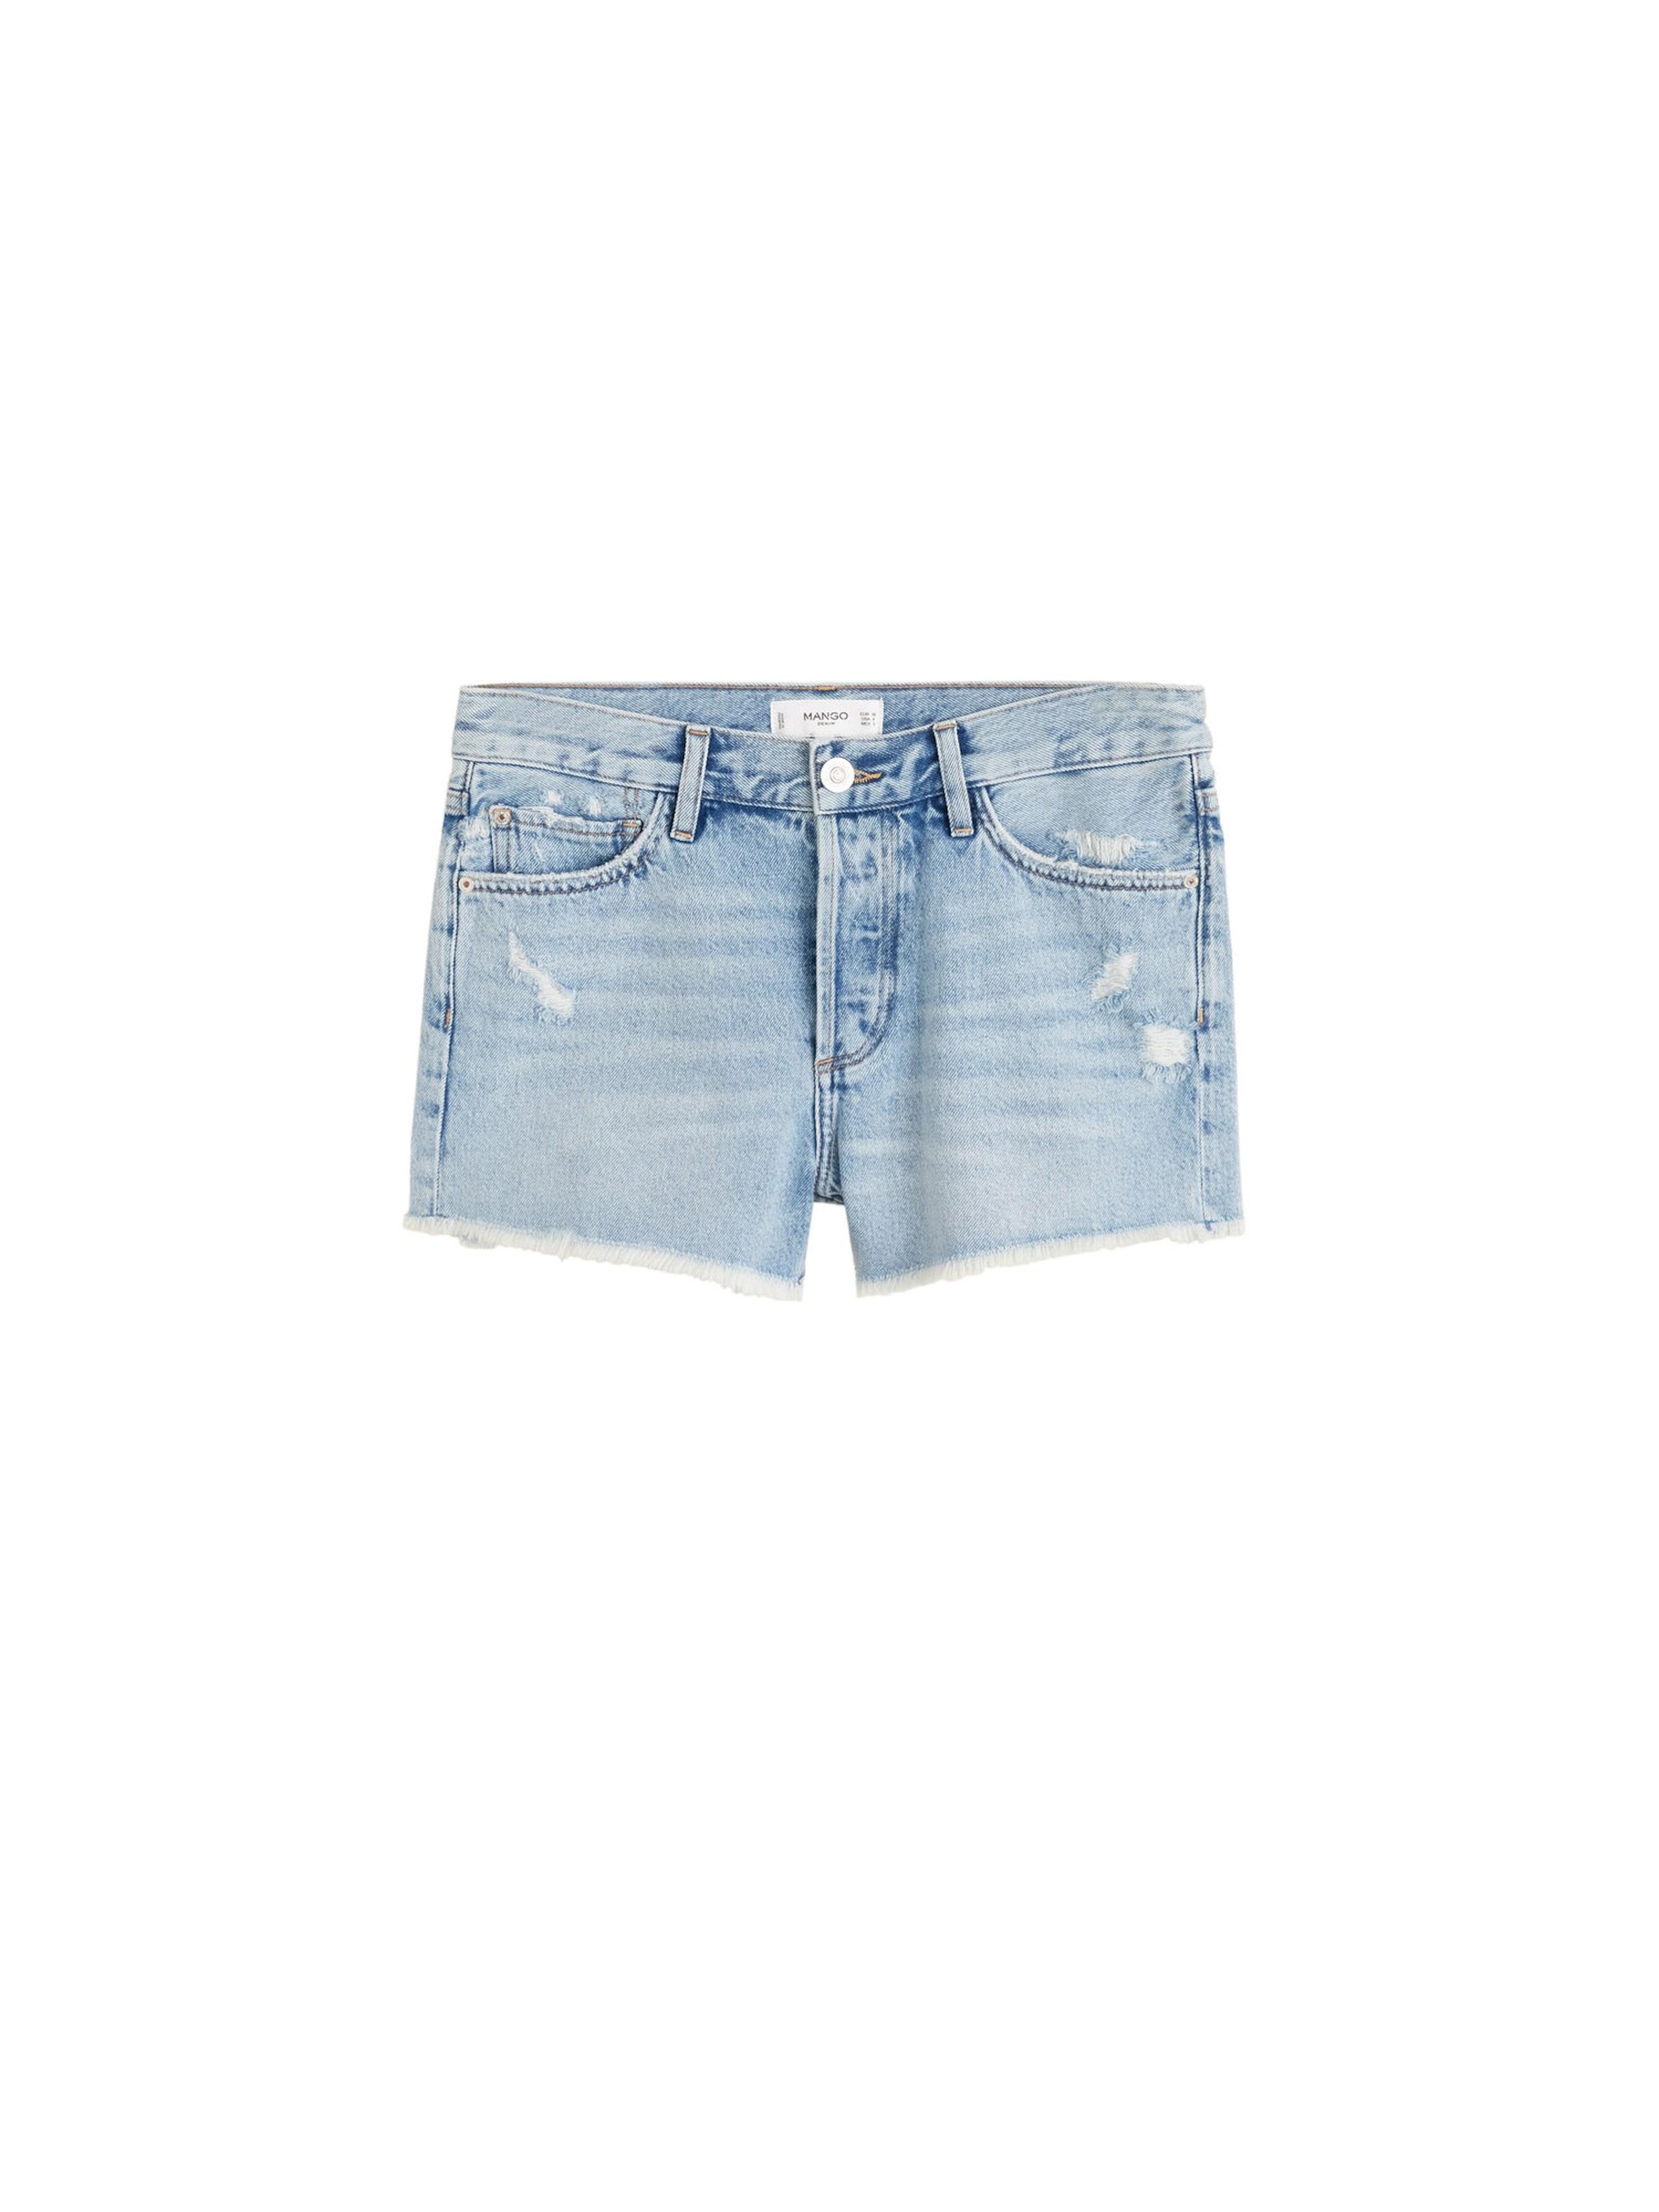 Hellblau Mango 'one' In Mango Mango In Shorts 'one' 'one' Shorts Shorts Hellblau XZPOkiuT